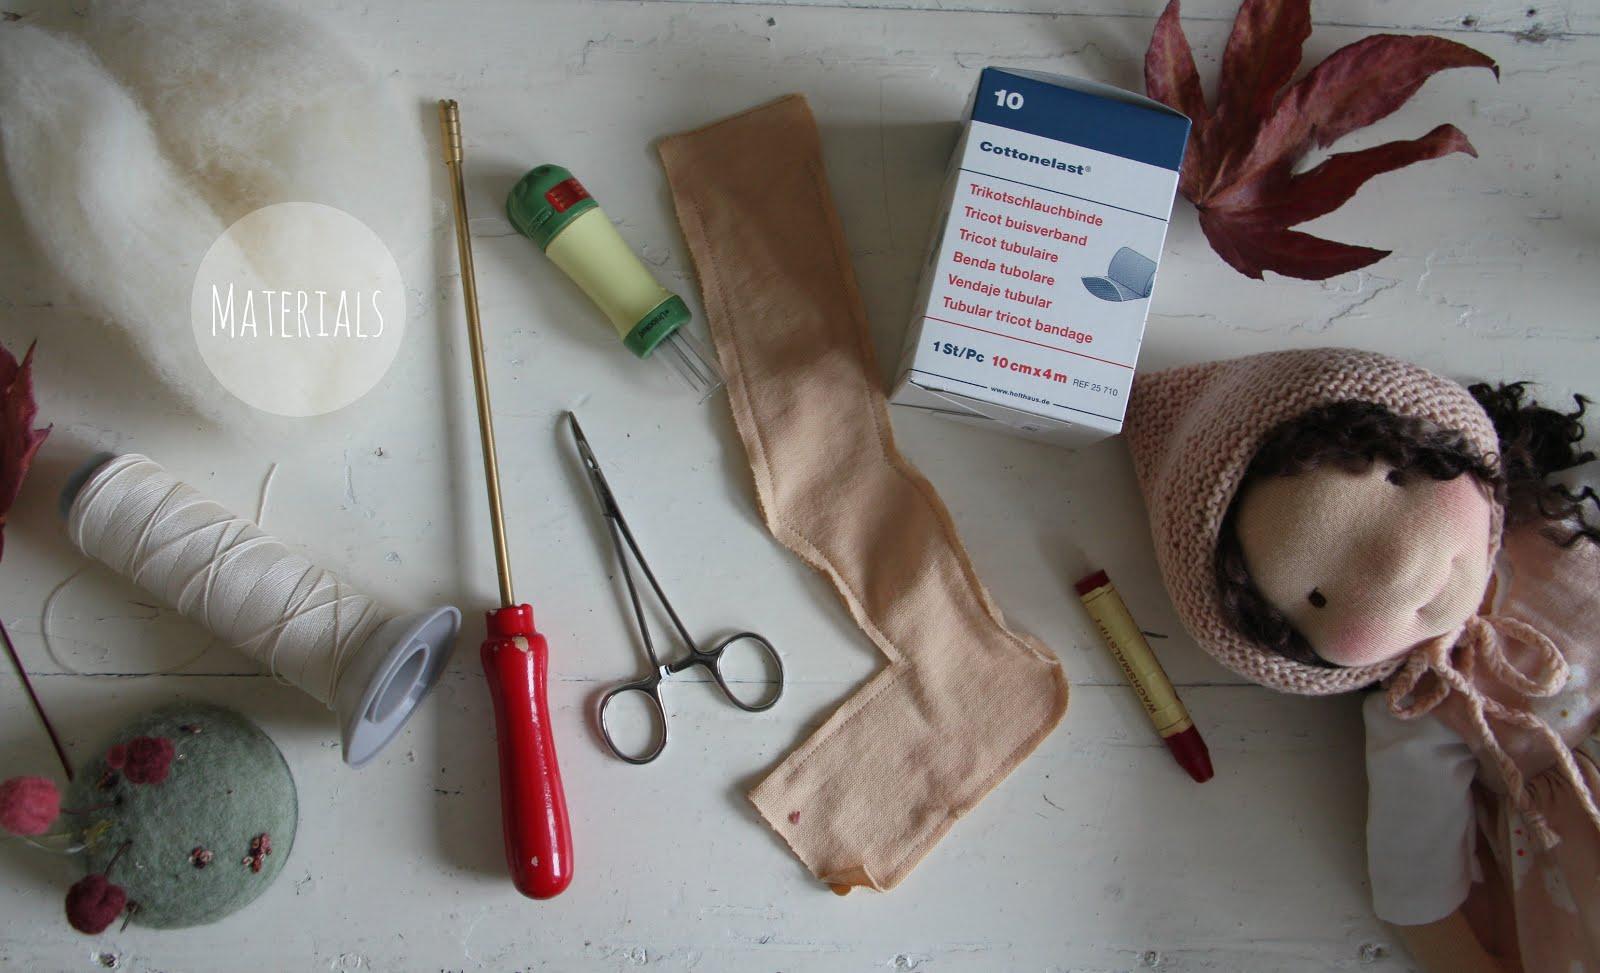 Tips: materials